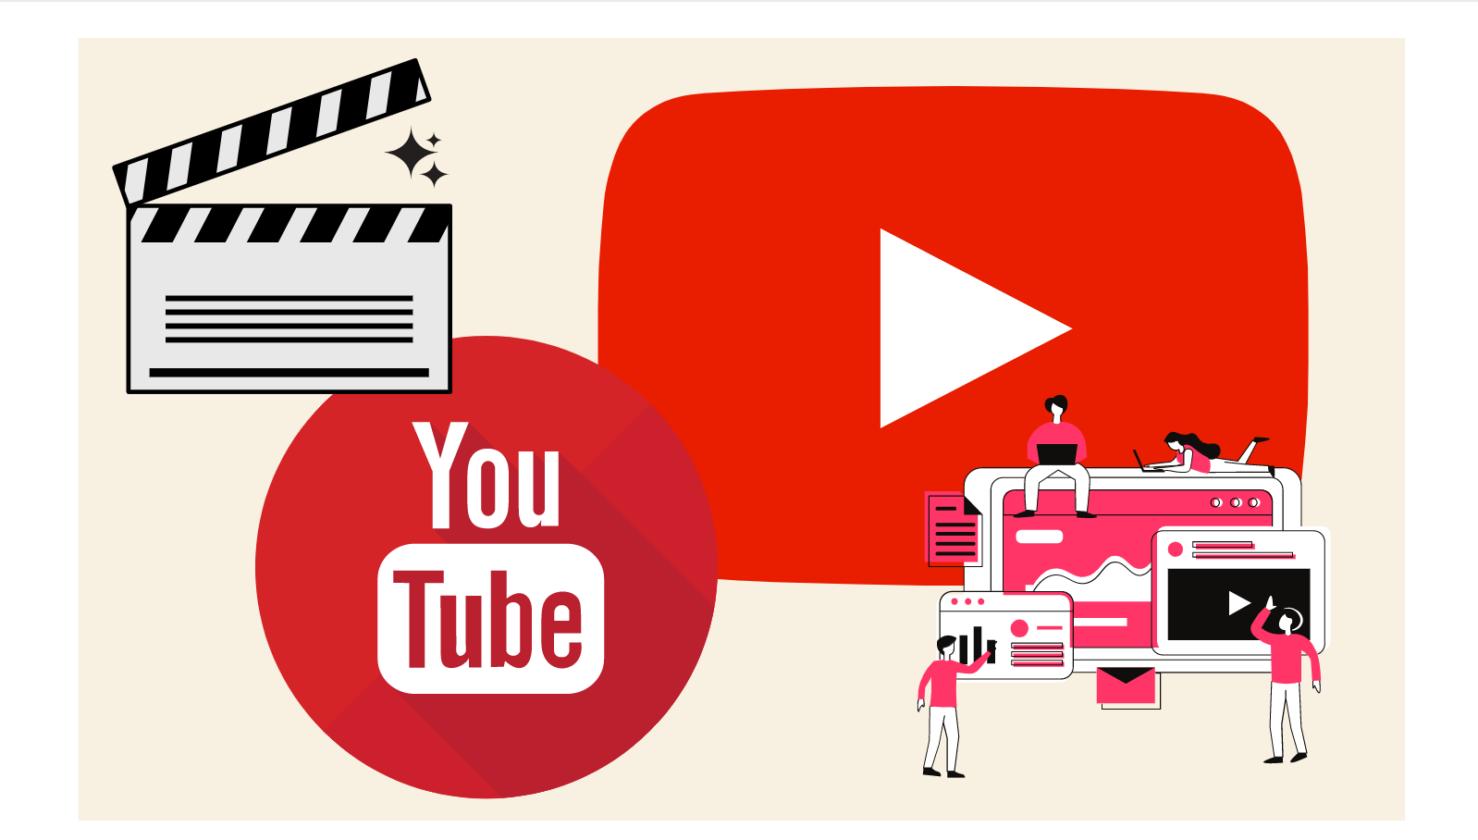 YouTube広告を使って、YouTubeのチャンネル登録者数を増やすには?